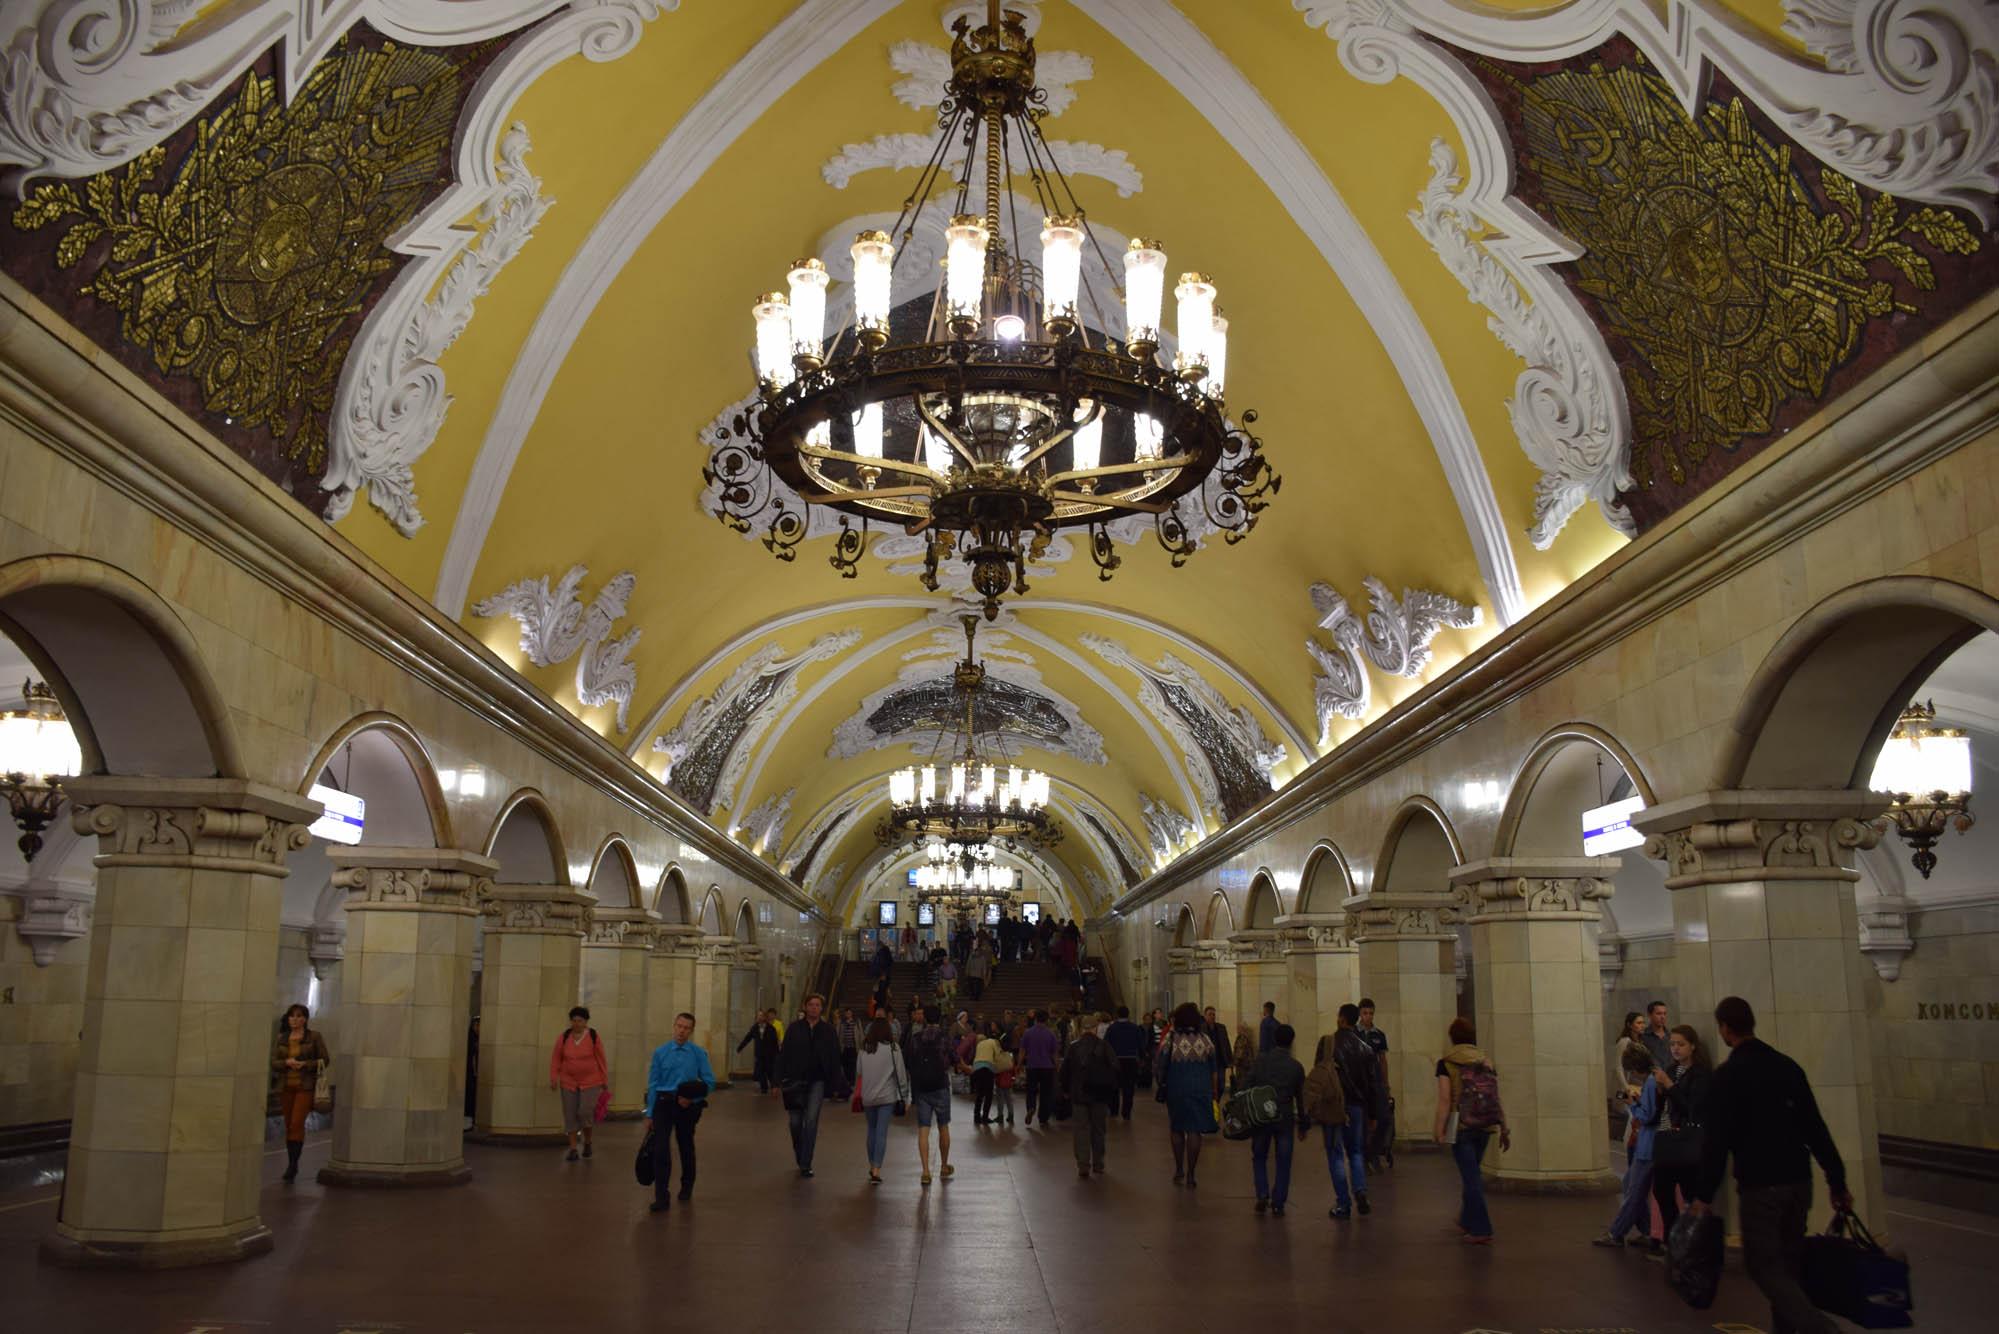 Estação de metrô Komsomolskaya - Moscou